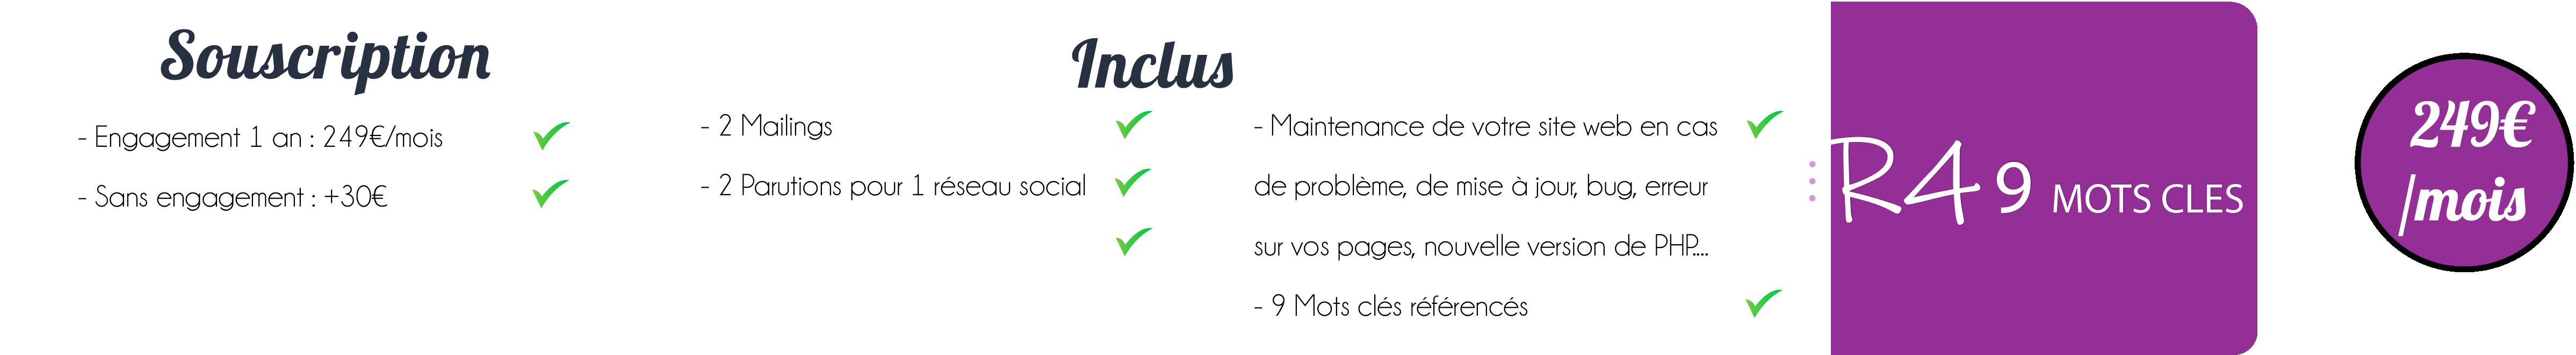 formule-referencement-avantage-pour-site-web-maintenance-inclue-tarifs-en-ligne